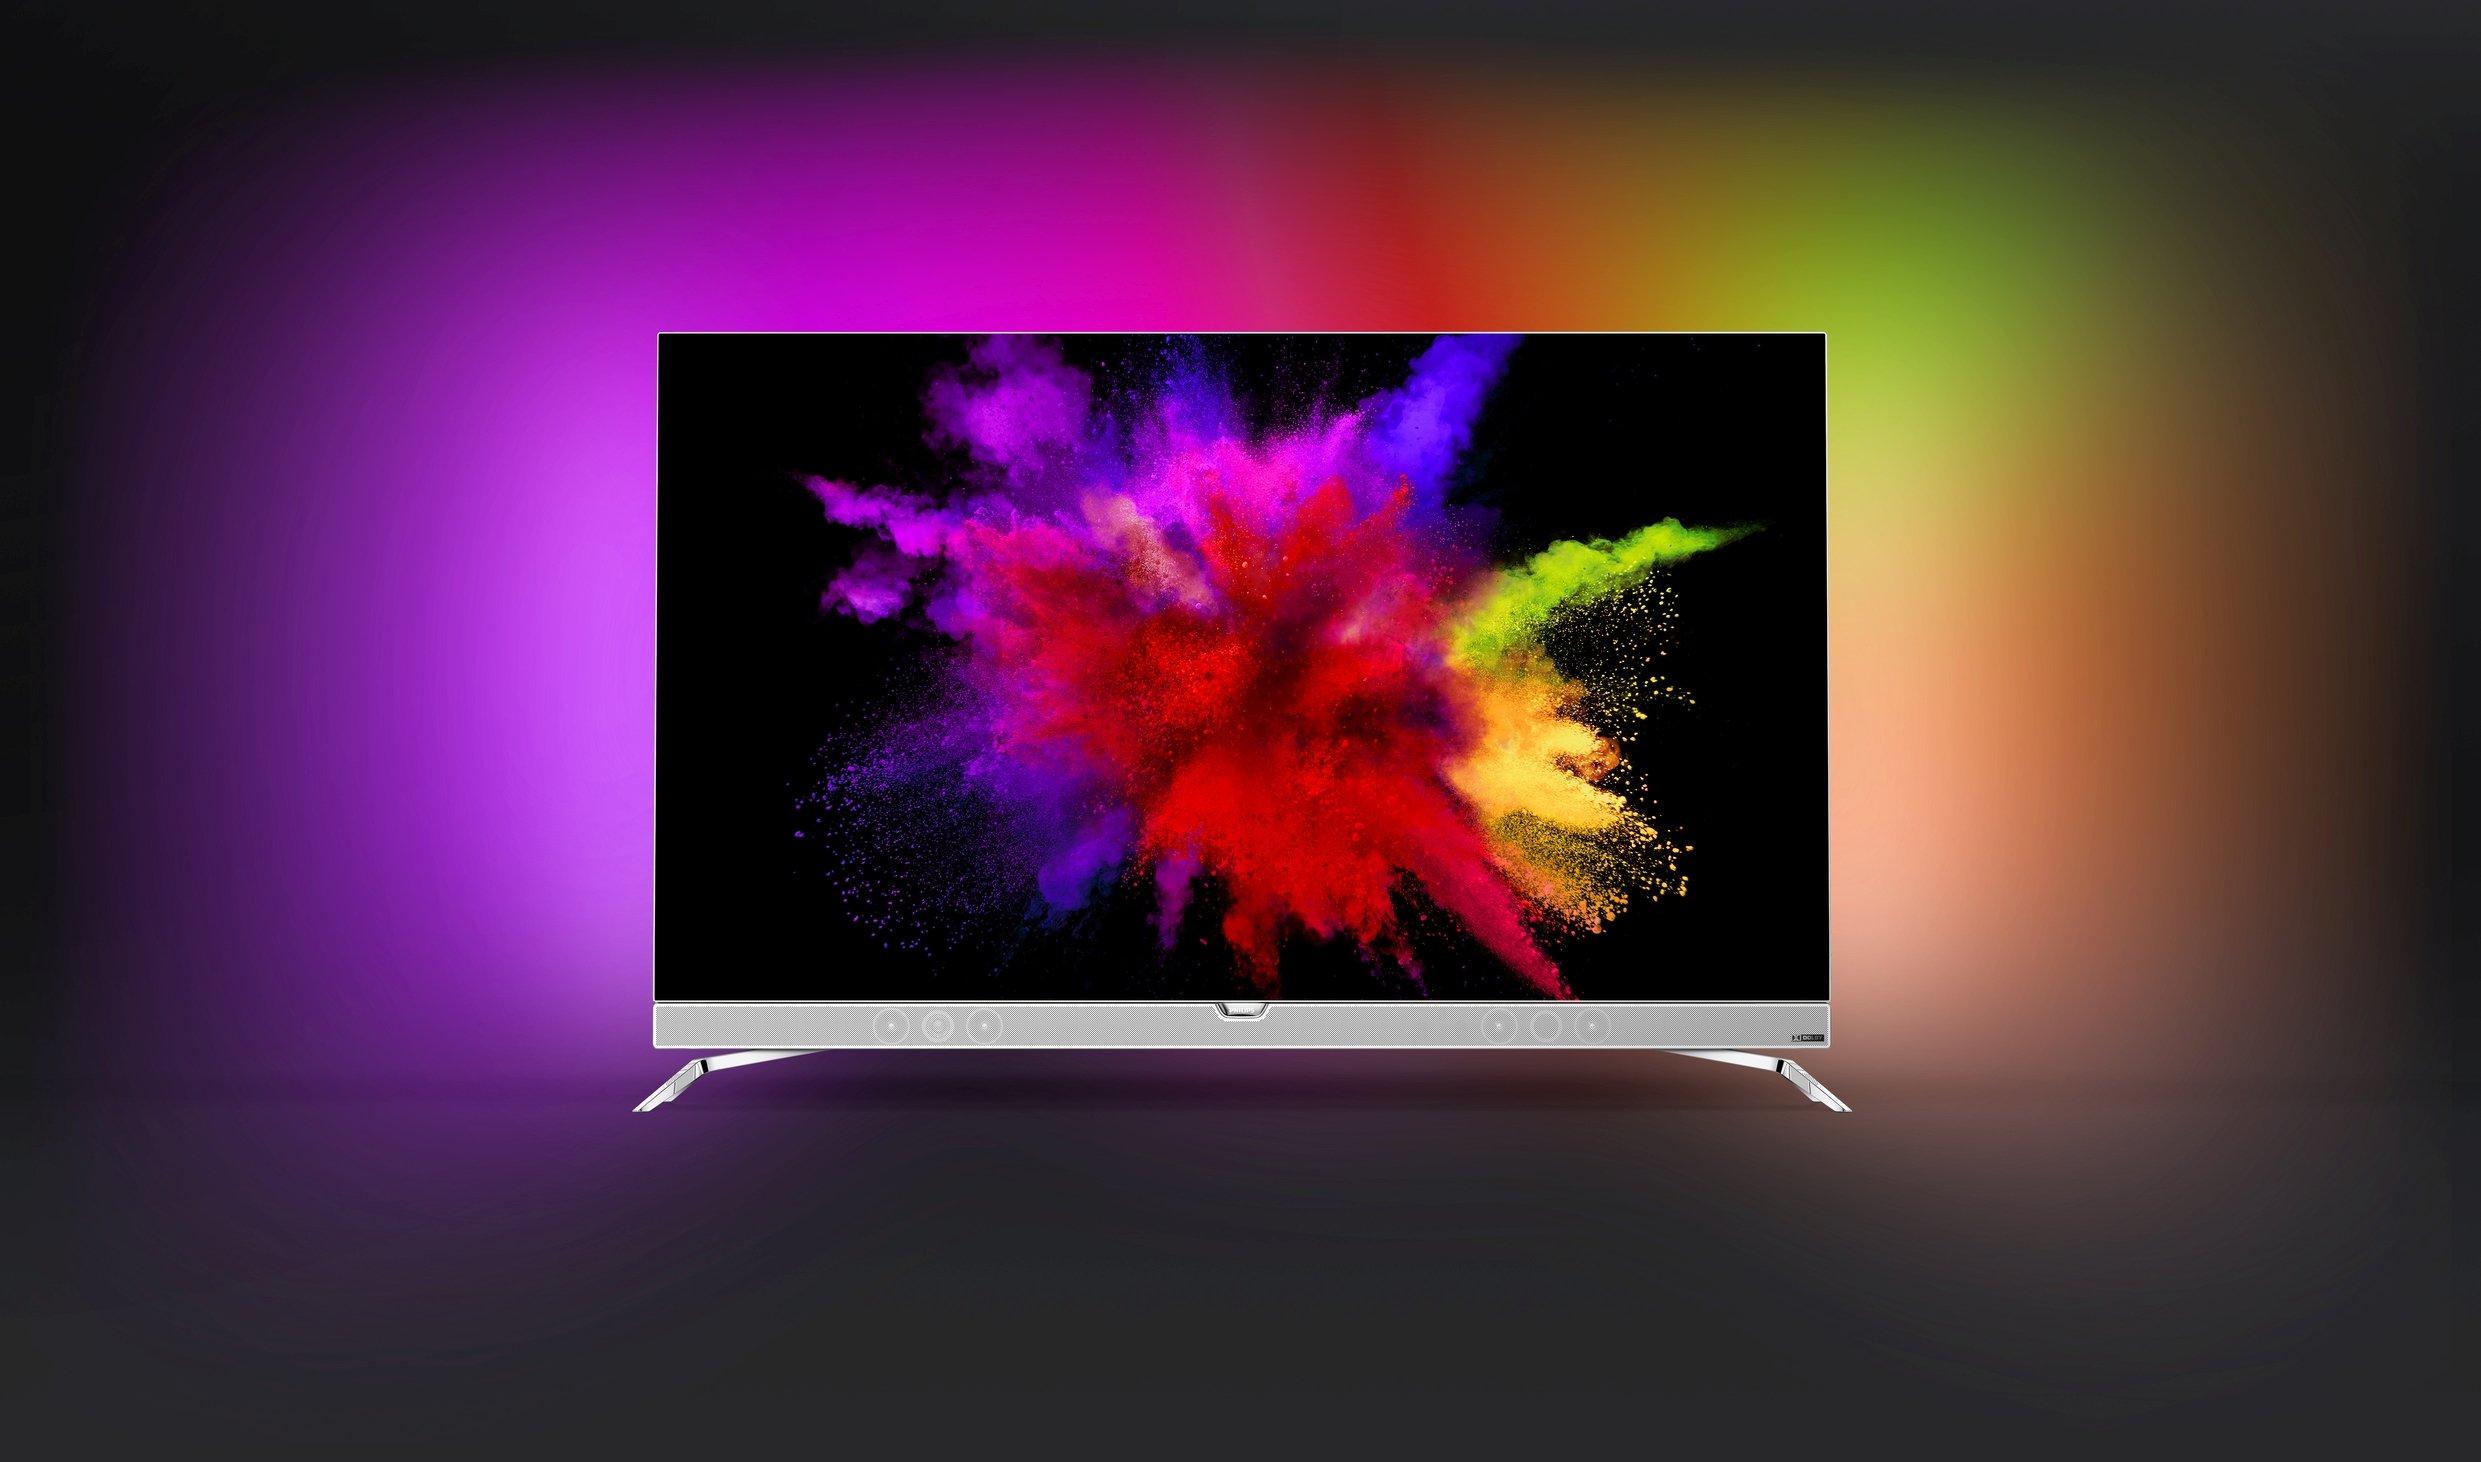 Philips presenta il primo TV OLED Ambilight: 55 pollici, Android TV e risoluzione Ultra HD